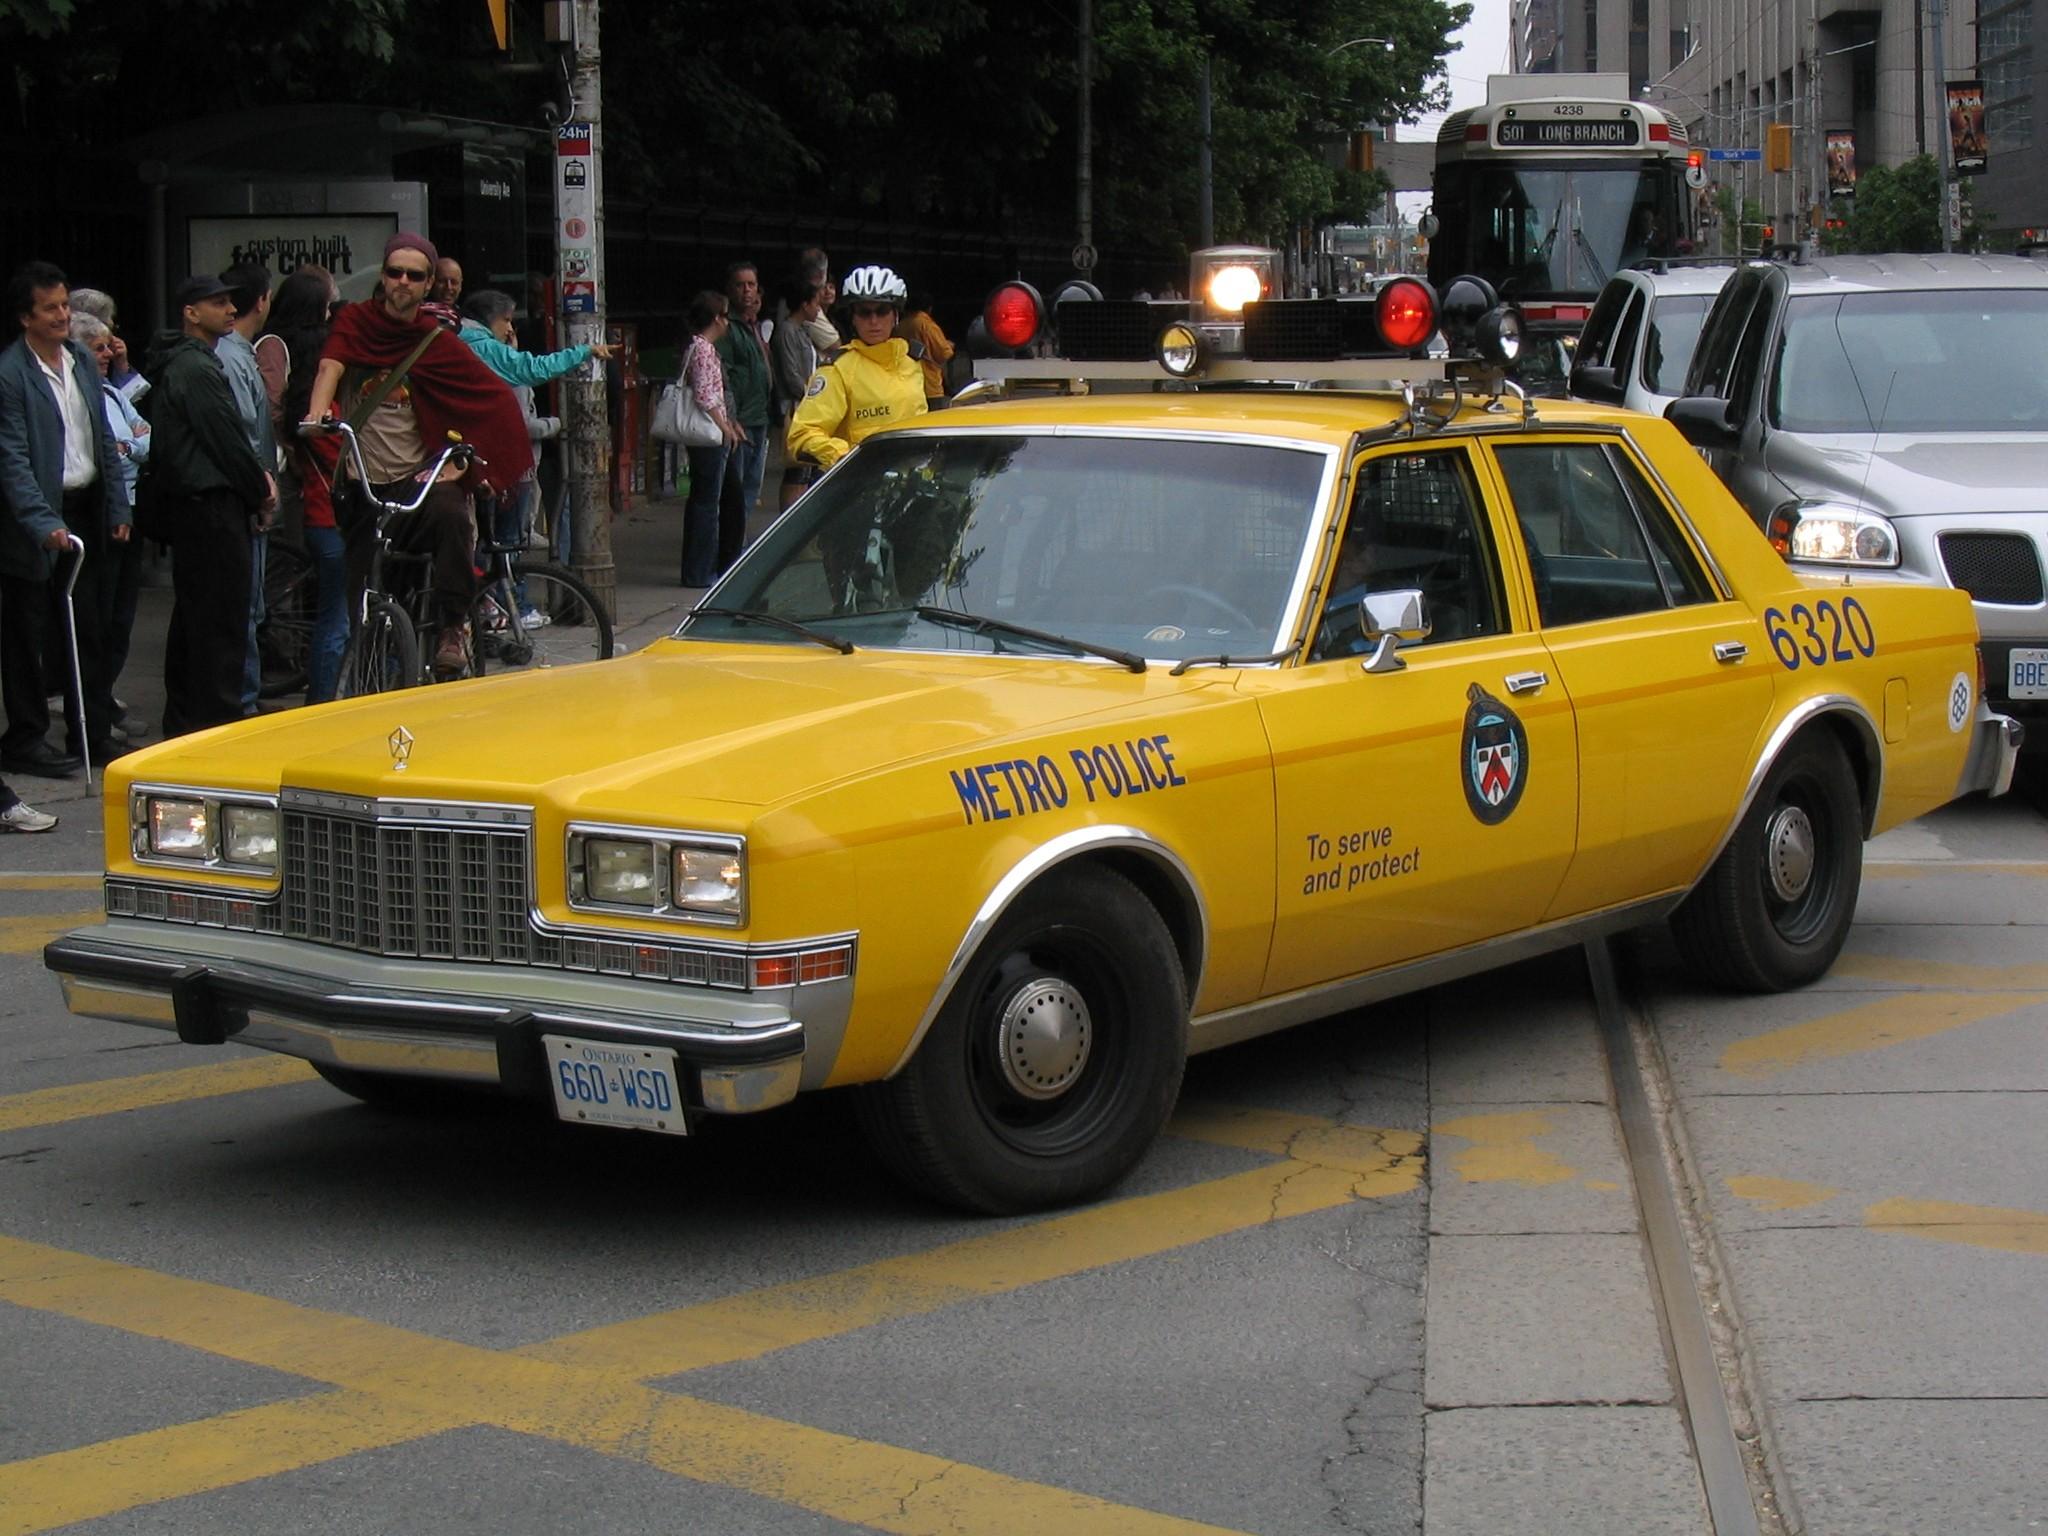 Toronto Metro Police